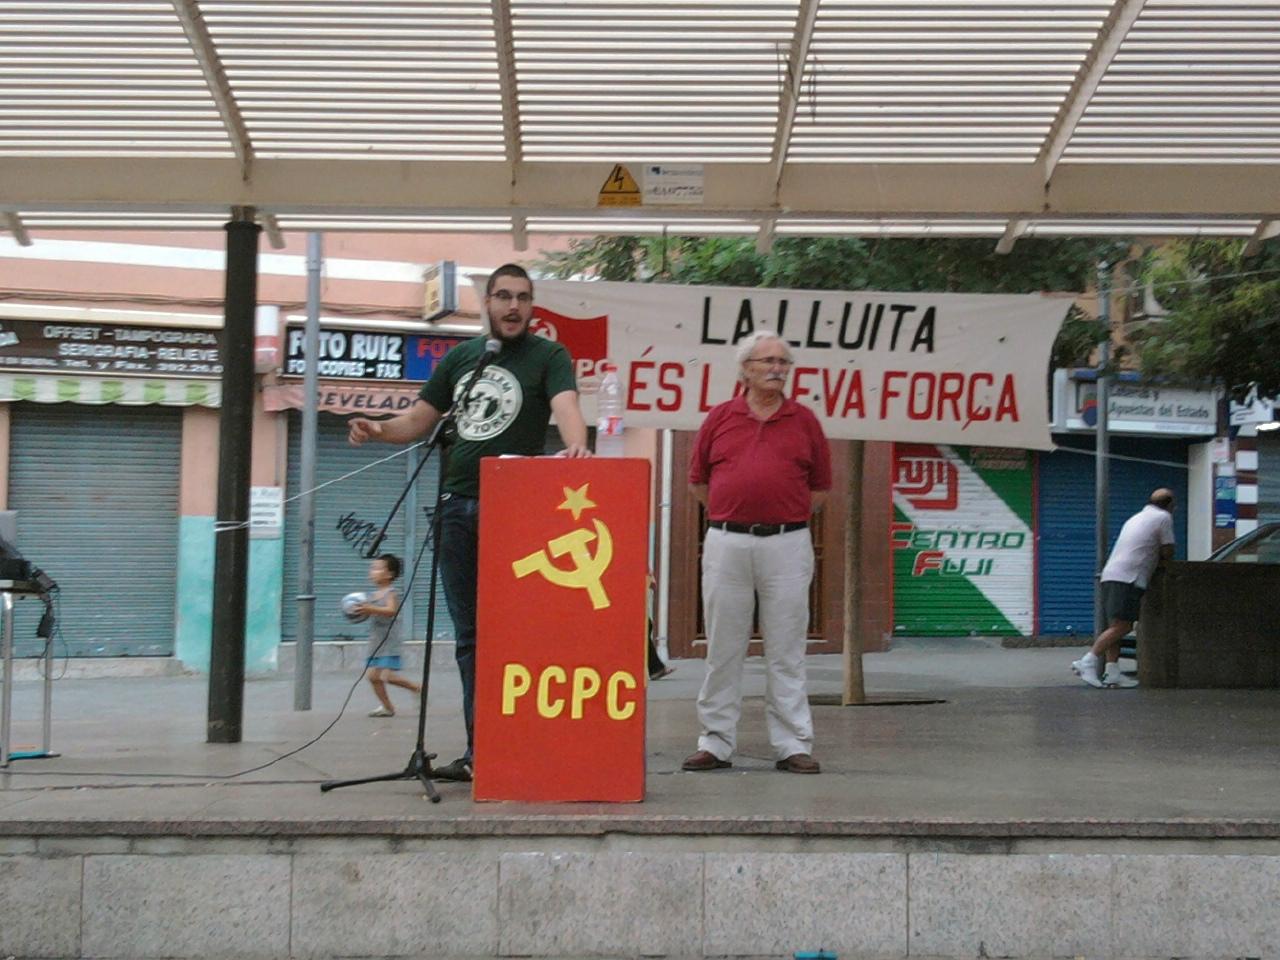 Mitin del PCPC y los JCPC el 11 de septiembre para la fiesta nacional de Cataluña Foto0168